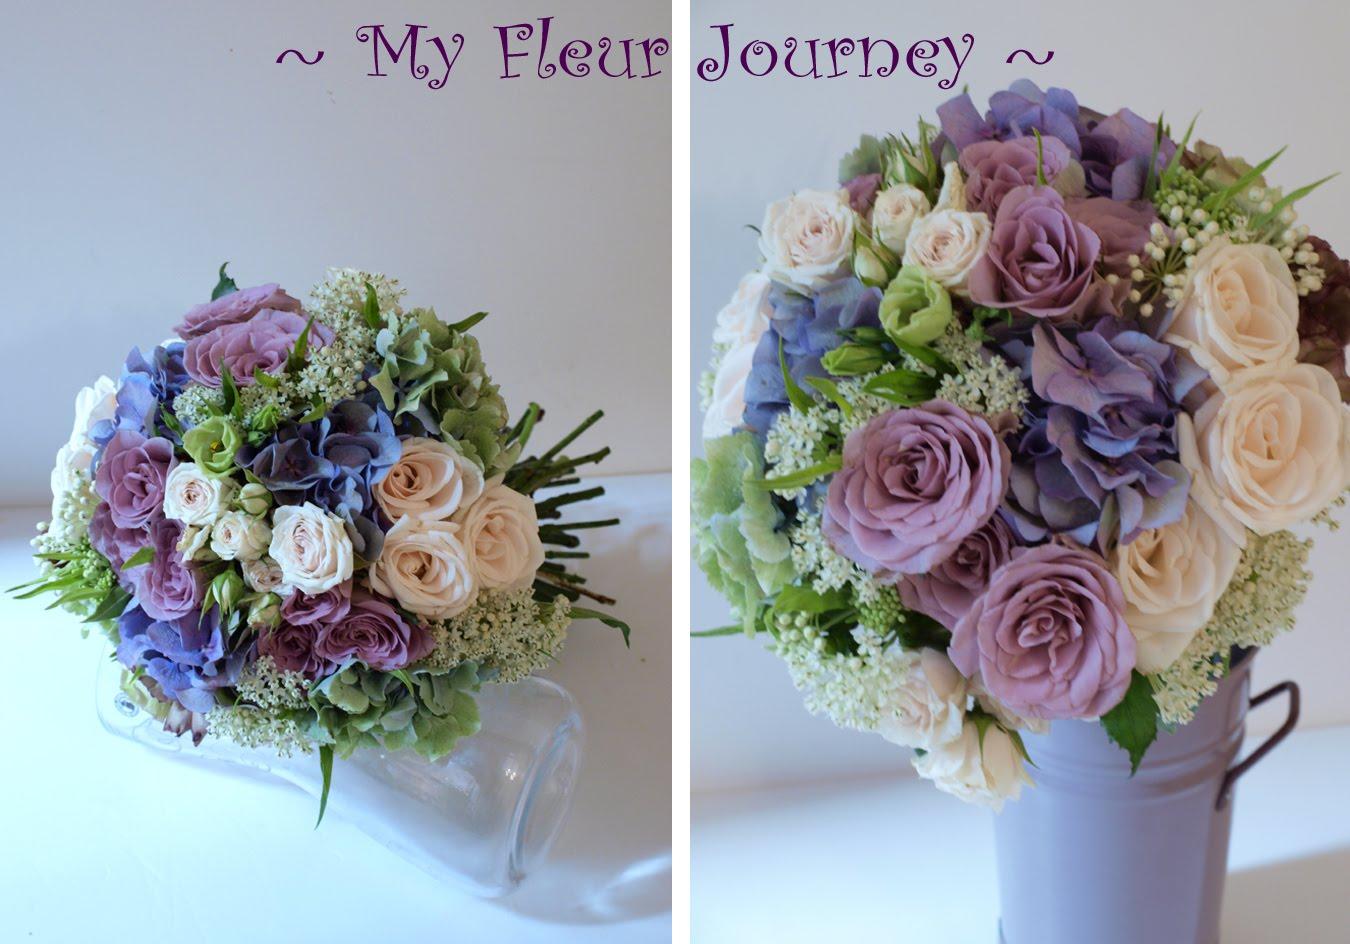 Blue wedding flowers in july my fleur journey july the right blue wedding flowers in july my fleur journey july izmirmasajfo